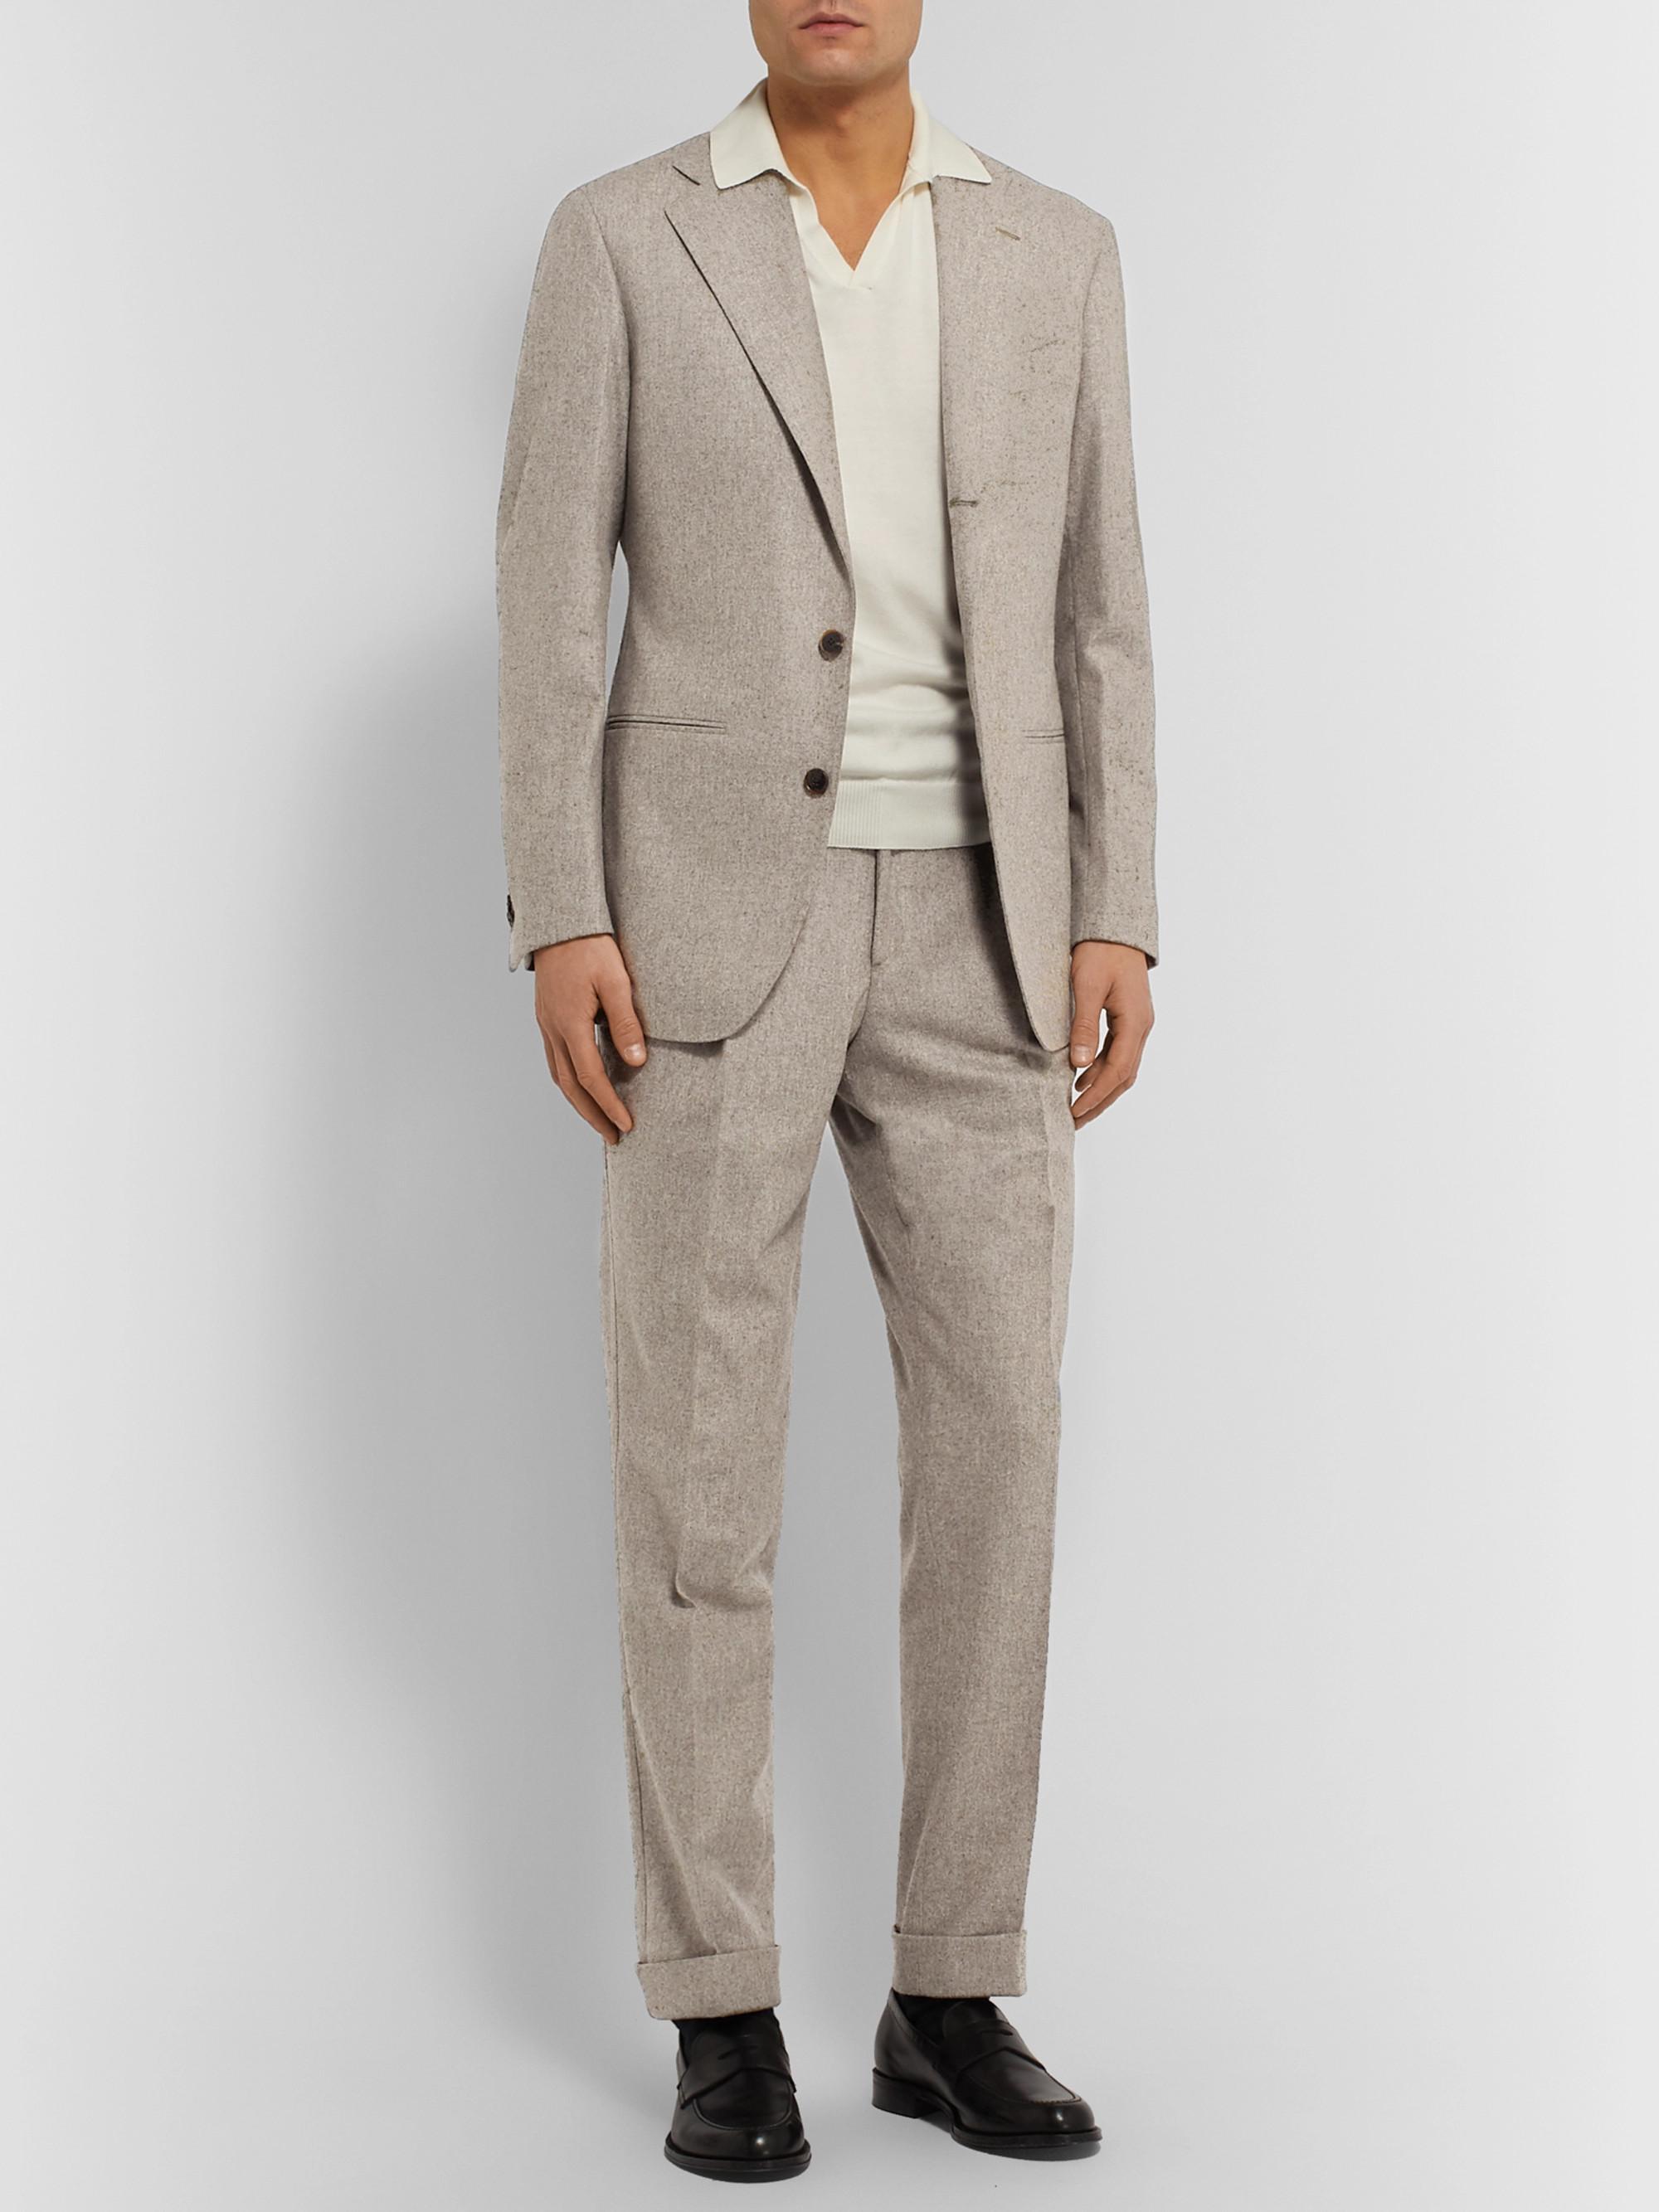 SAMAN AMEL Beige Unstructured Mélange Wool Suit Jacket